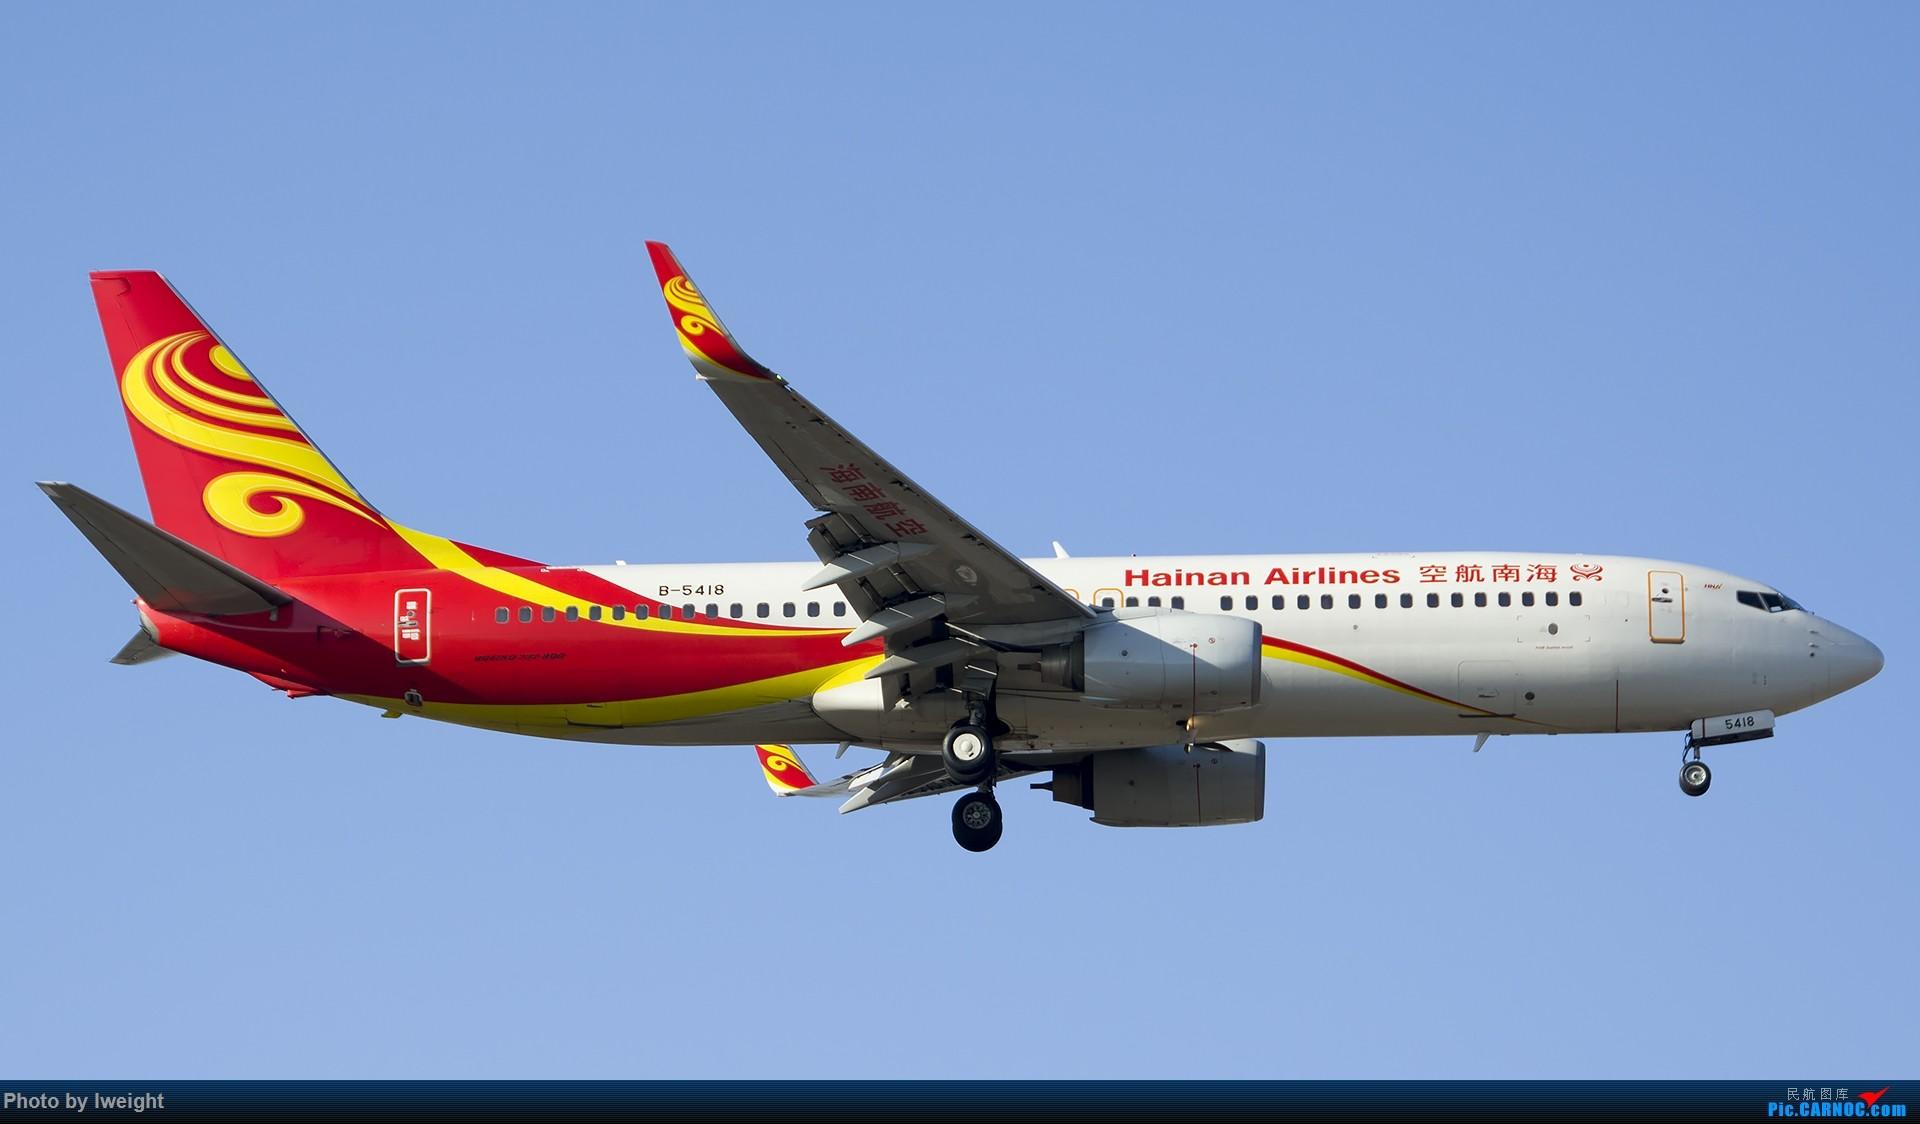 Re:[原创]2014-12-06 PEK天气由好变坏的直接体验 BOEING 737-800 B-5418 中国北京首都国际机场